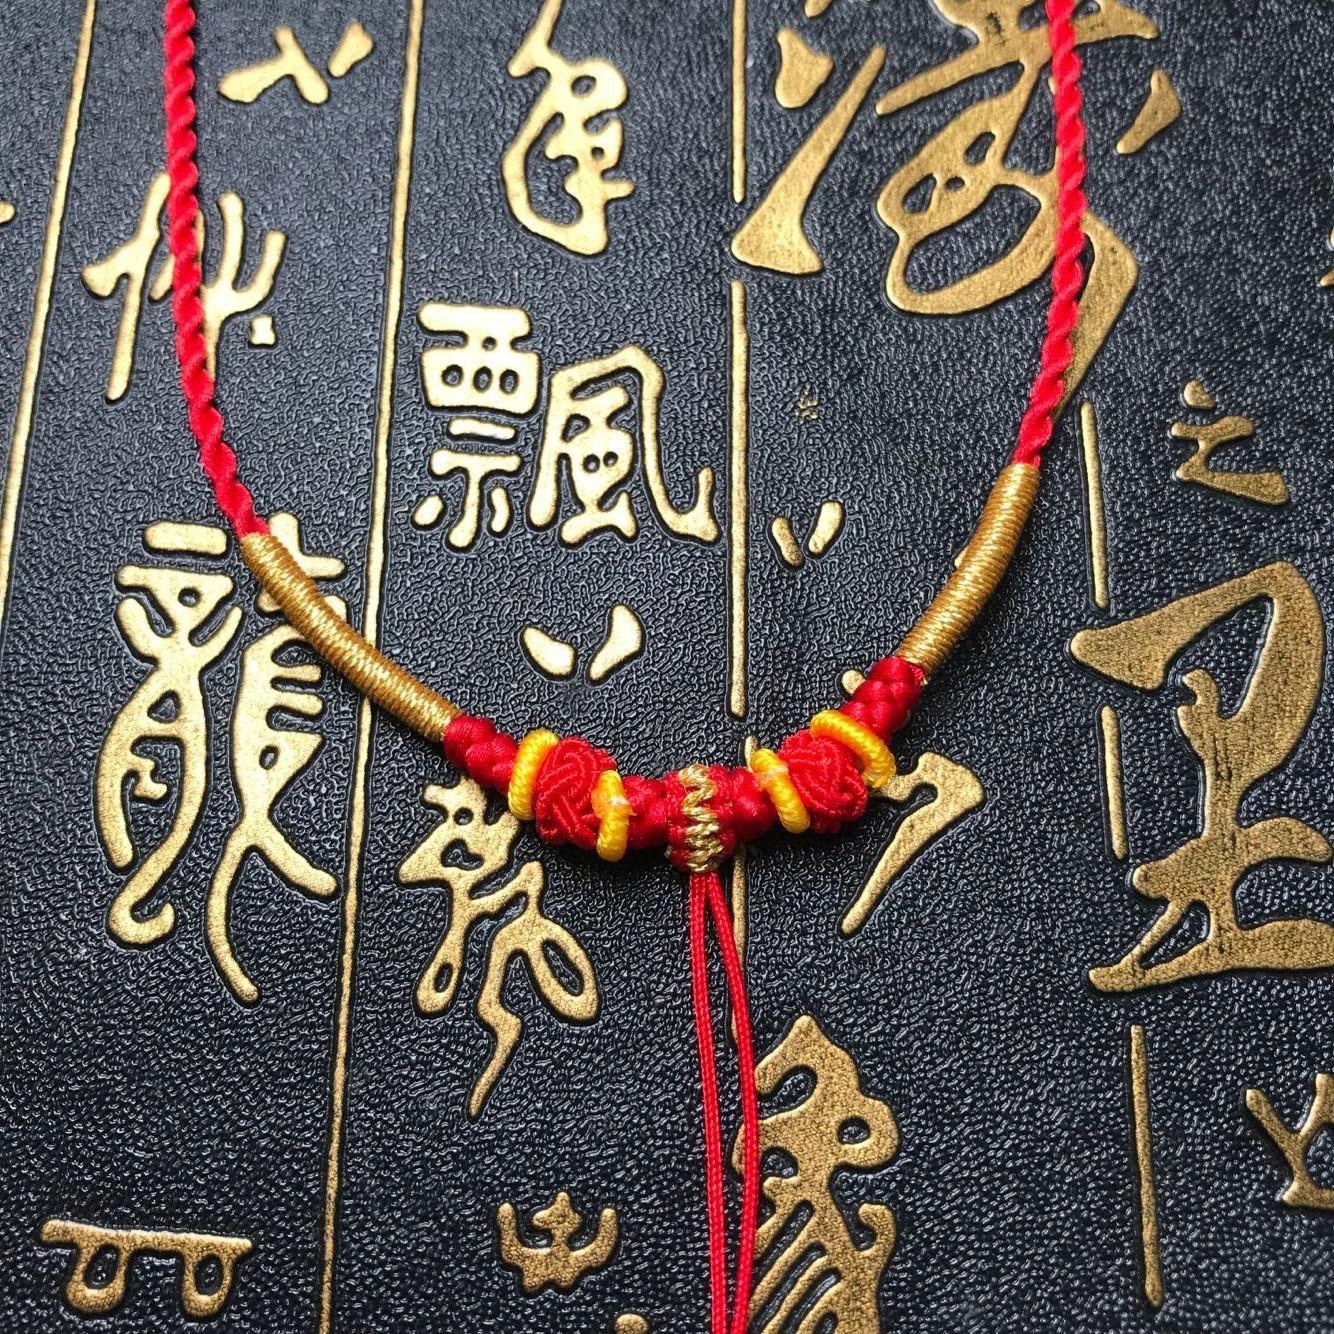 新款金镶玉小猪佩奇貔貅项链吊坠挂件项链编绳精美手工编织挂绳